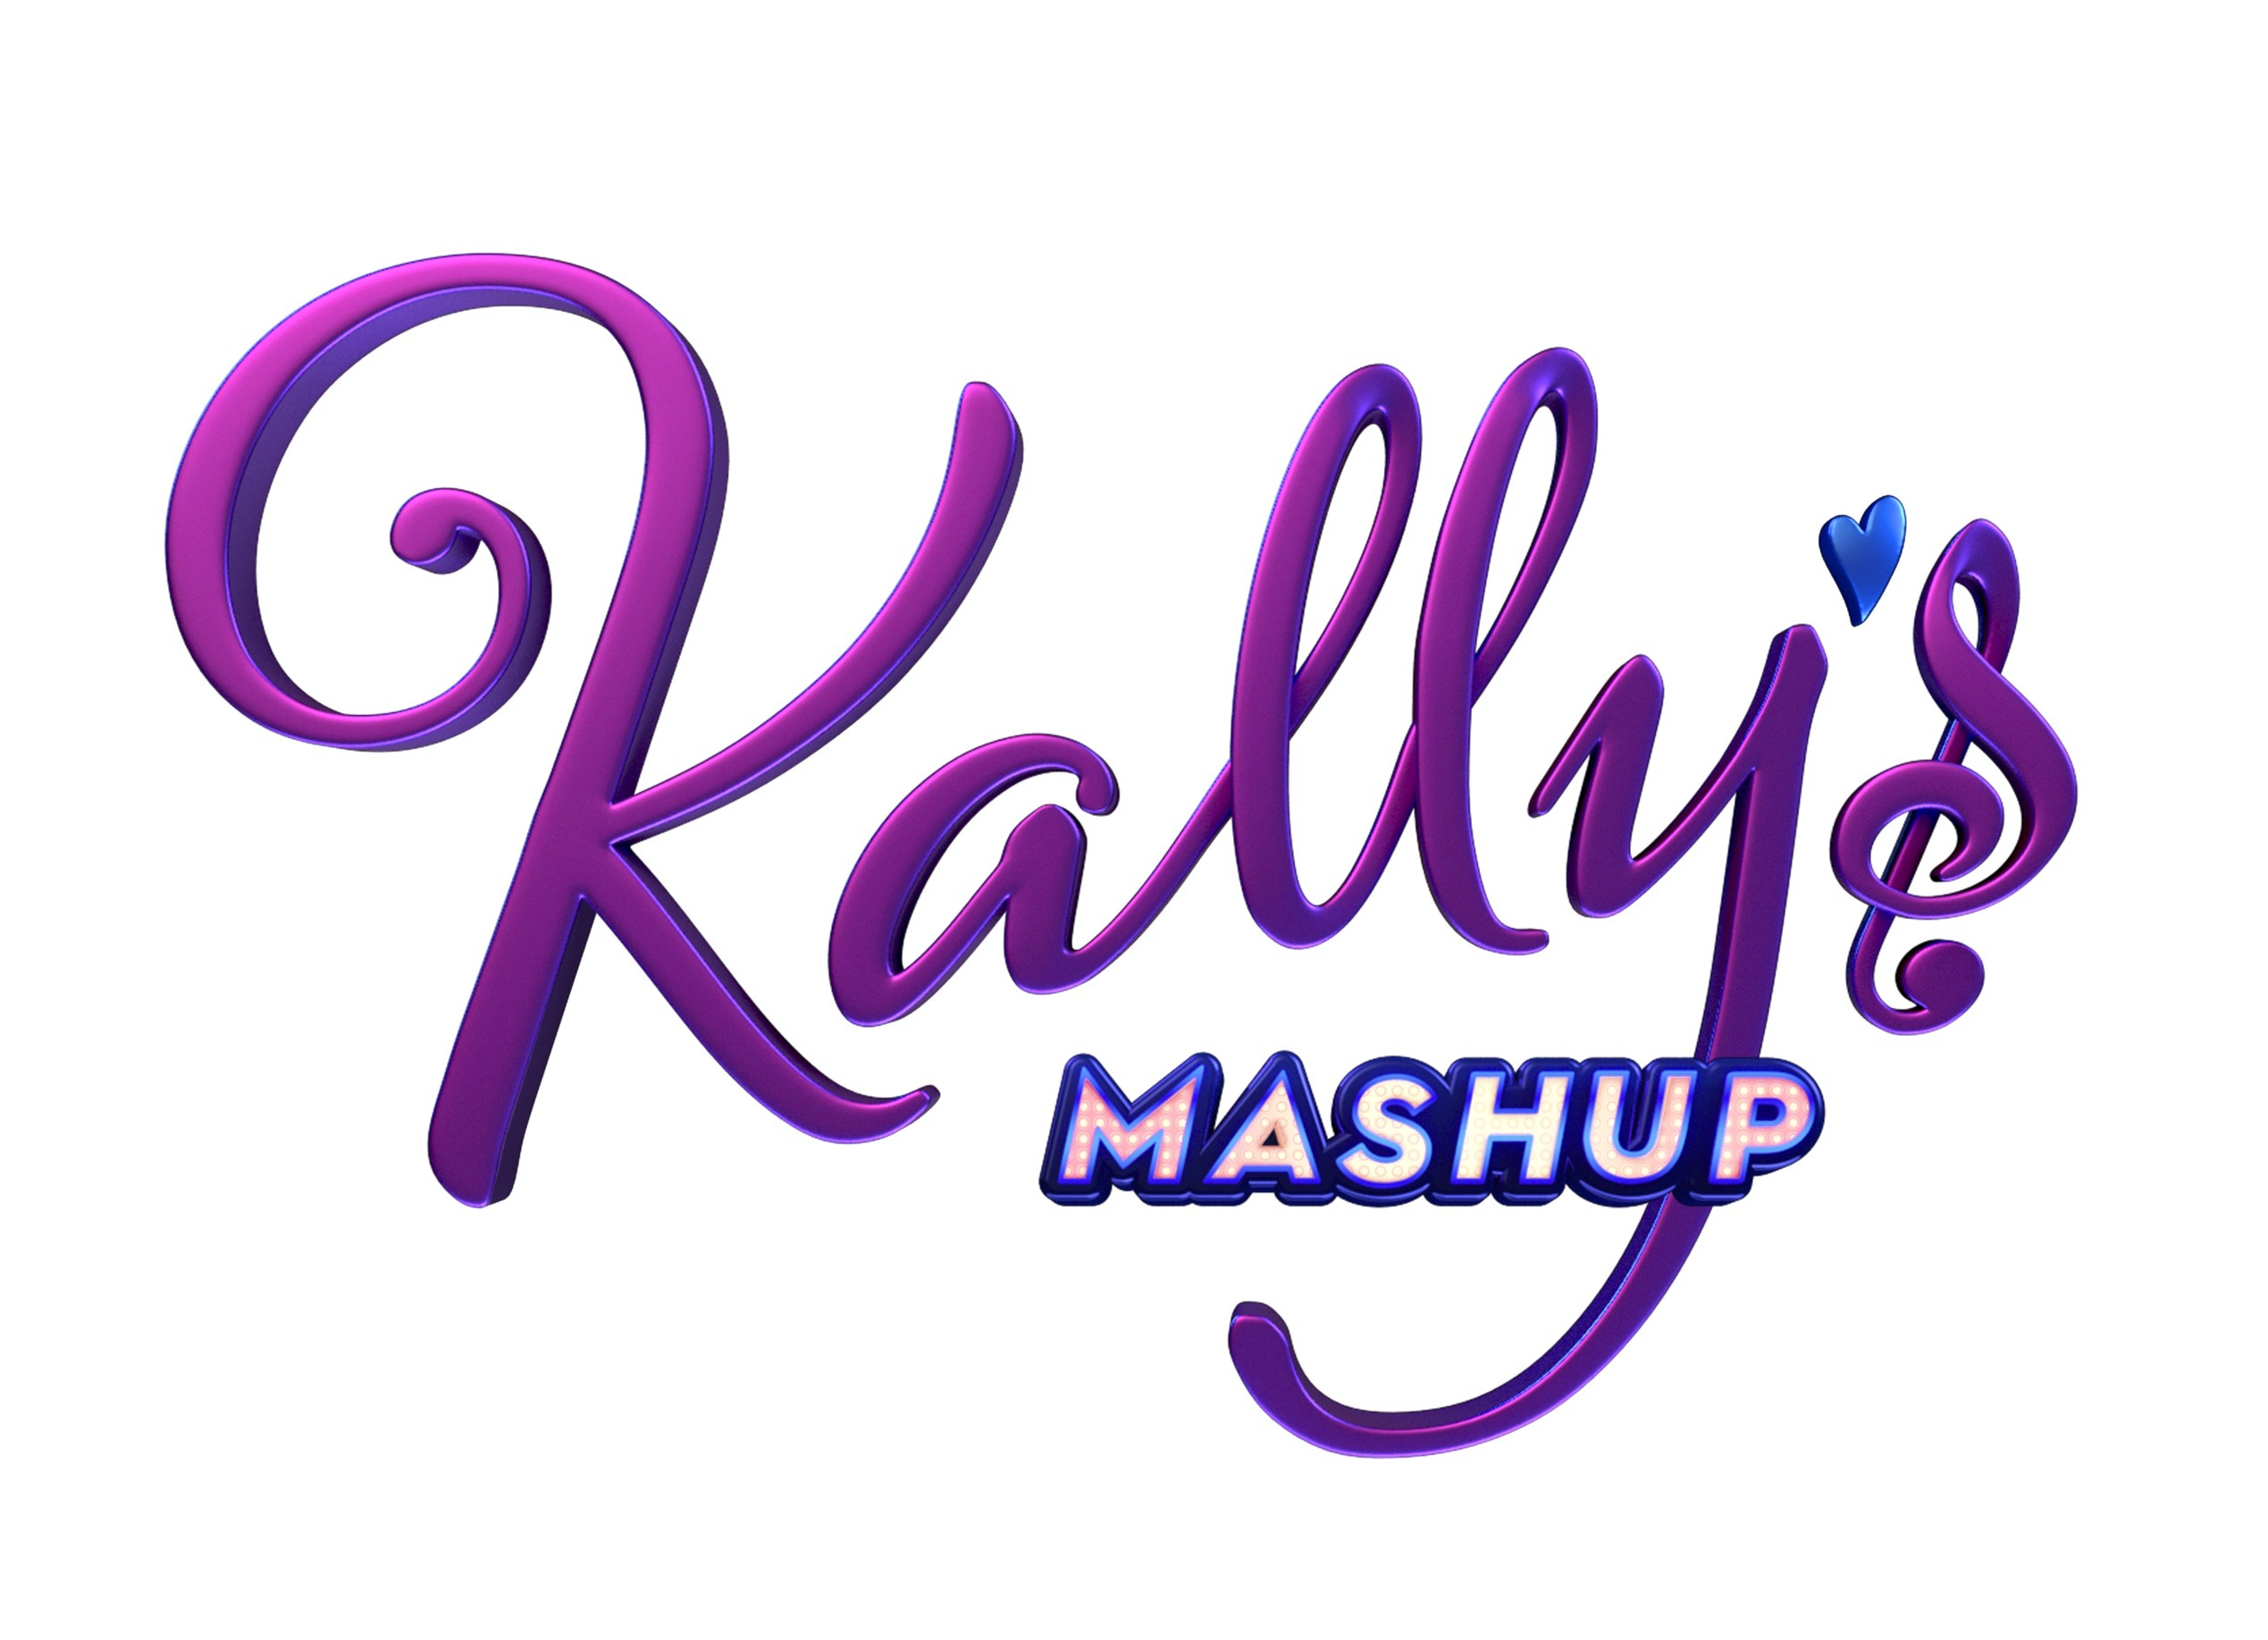 Kallys-mashup_logo